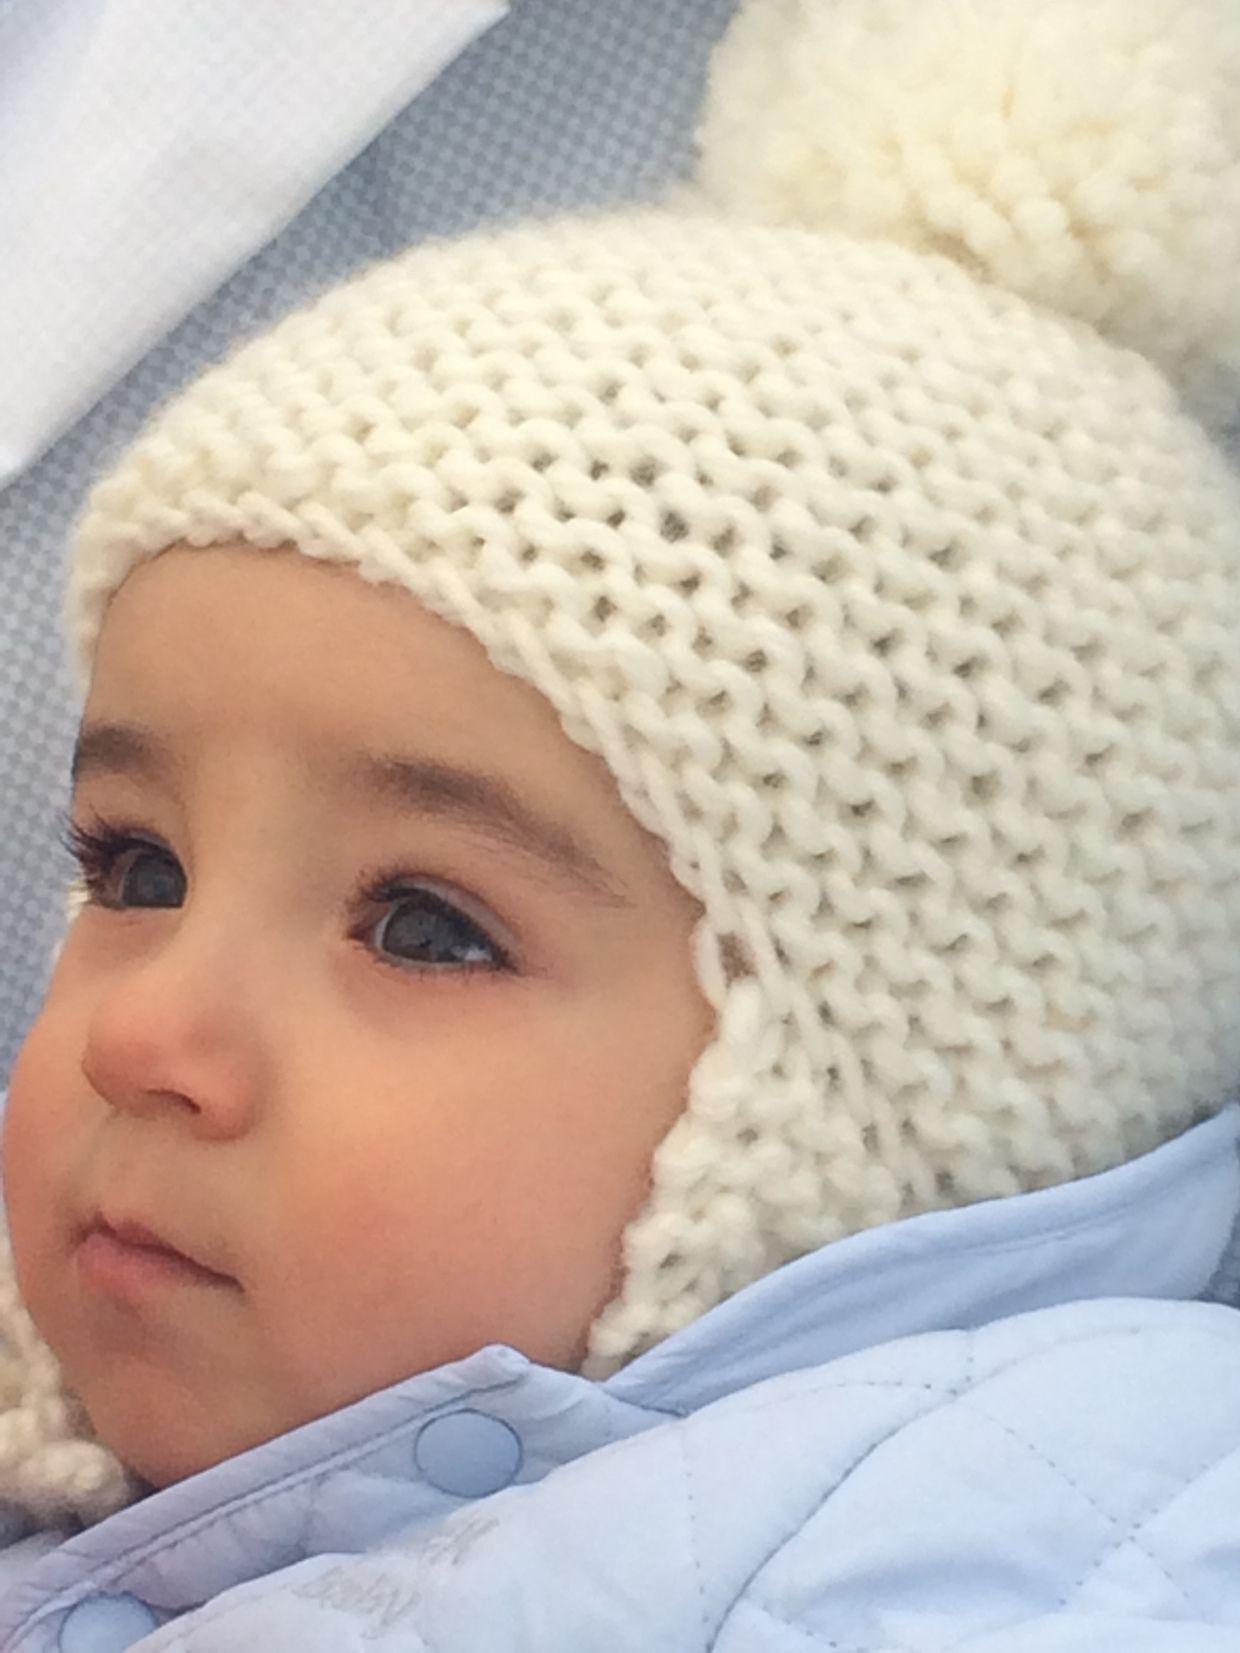 45226ee2982cd bebe con gorro pompon y orejeras lana hueso amano handmade ...